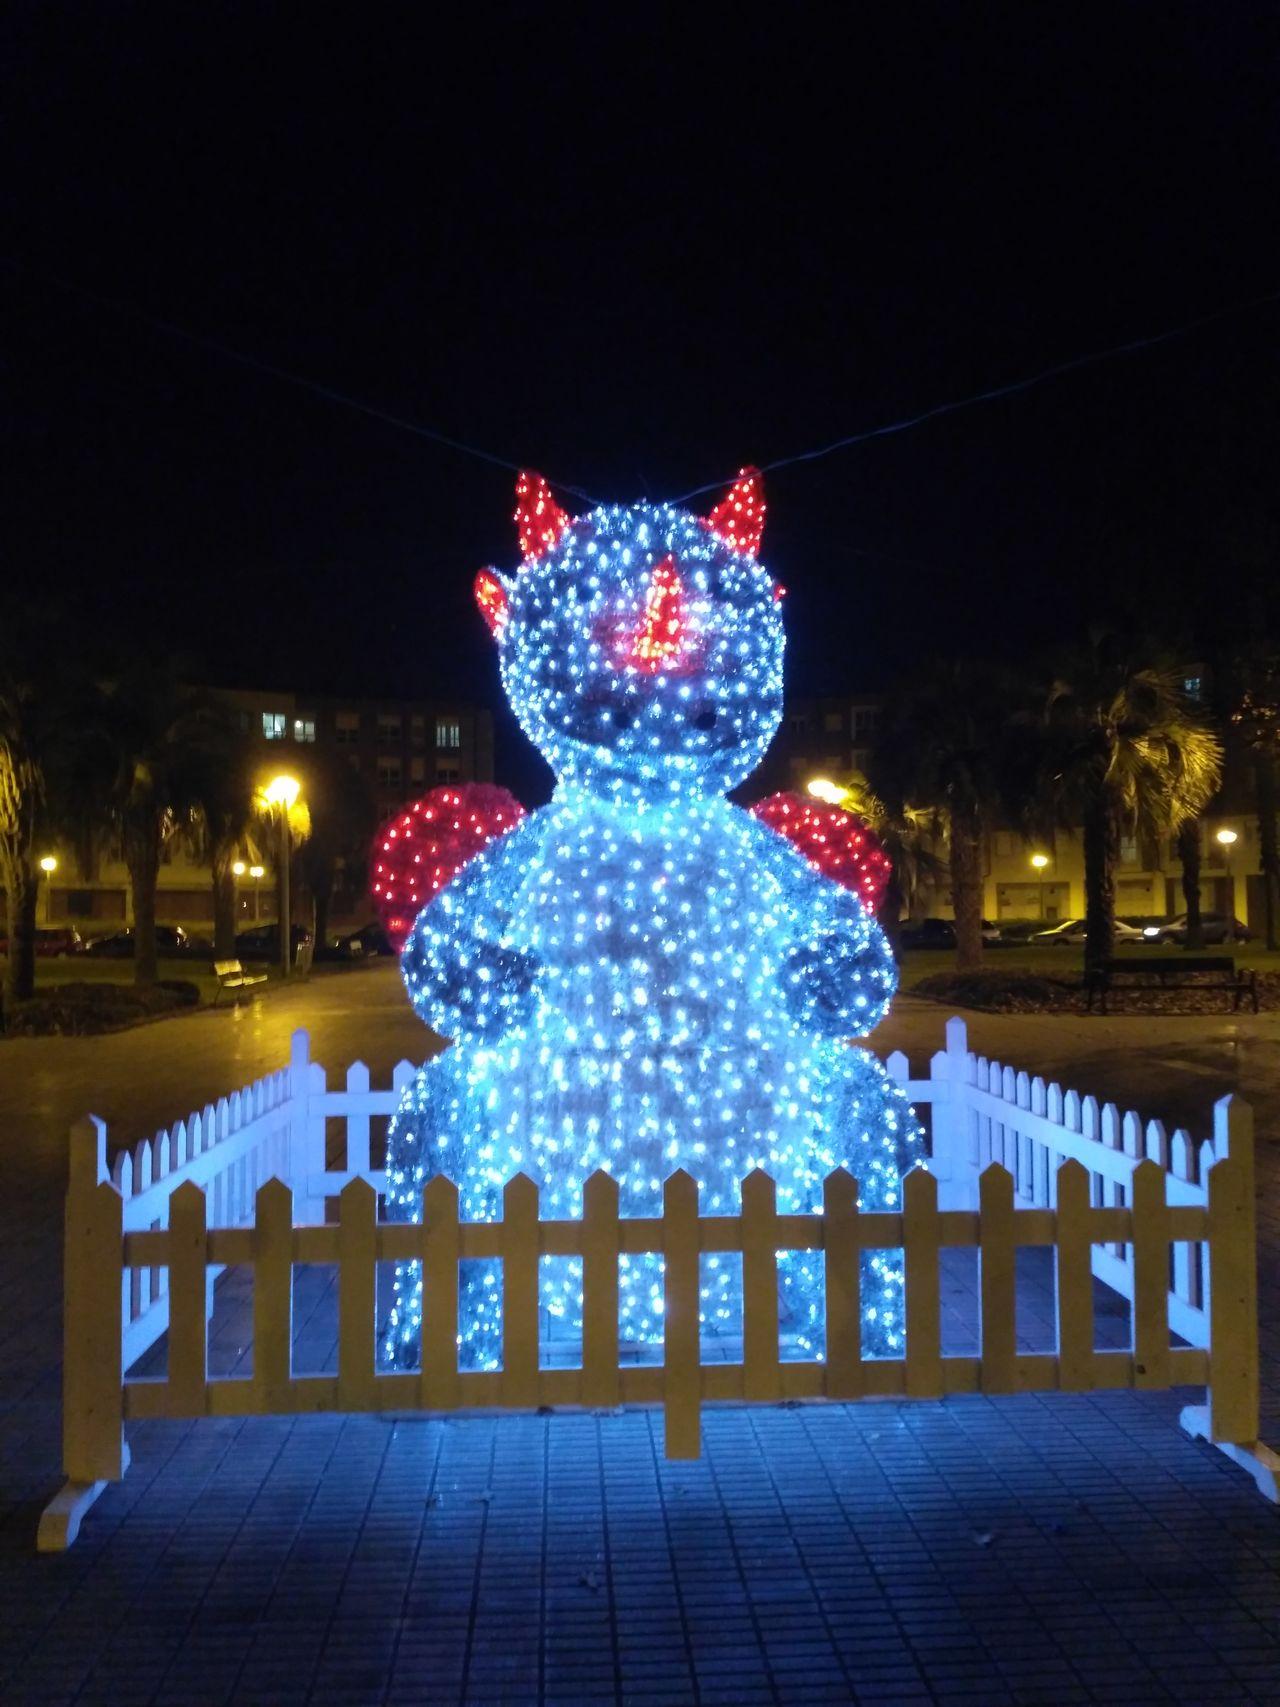 Christmas Dragon Christmas lights Christmas Lights Christmas Decoration Gijón Night Christmastime Christmas Around The World Spaın